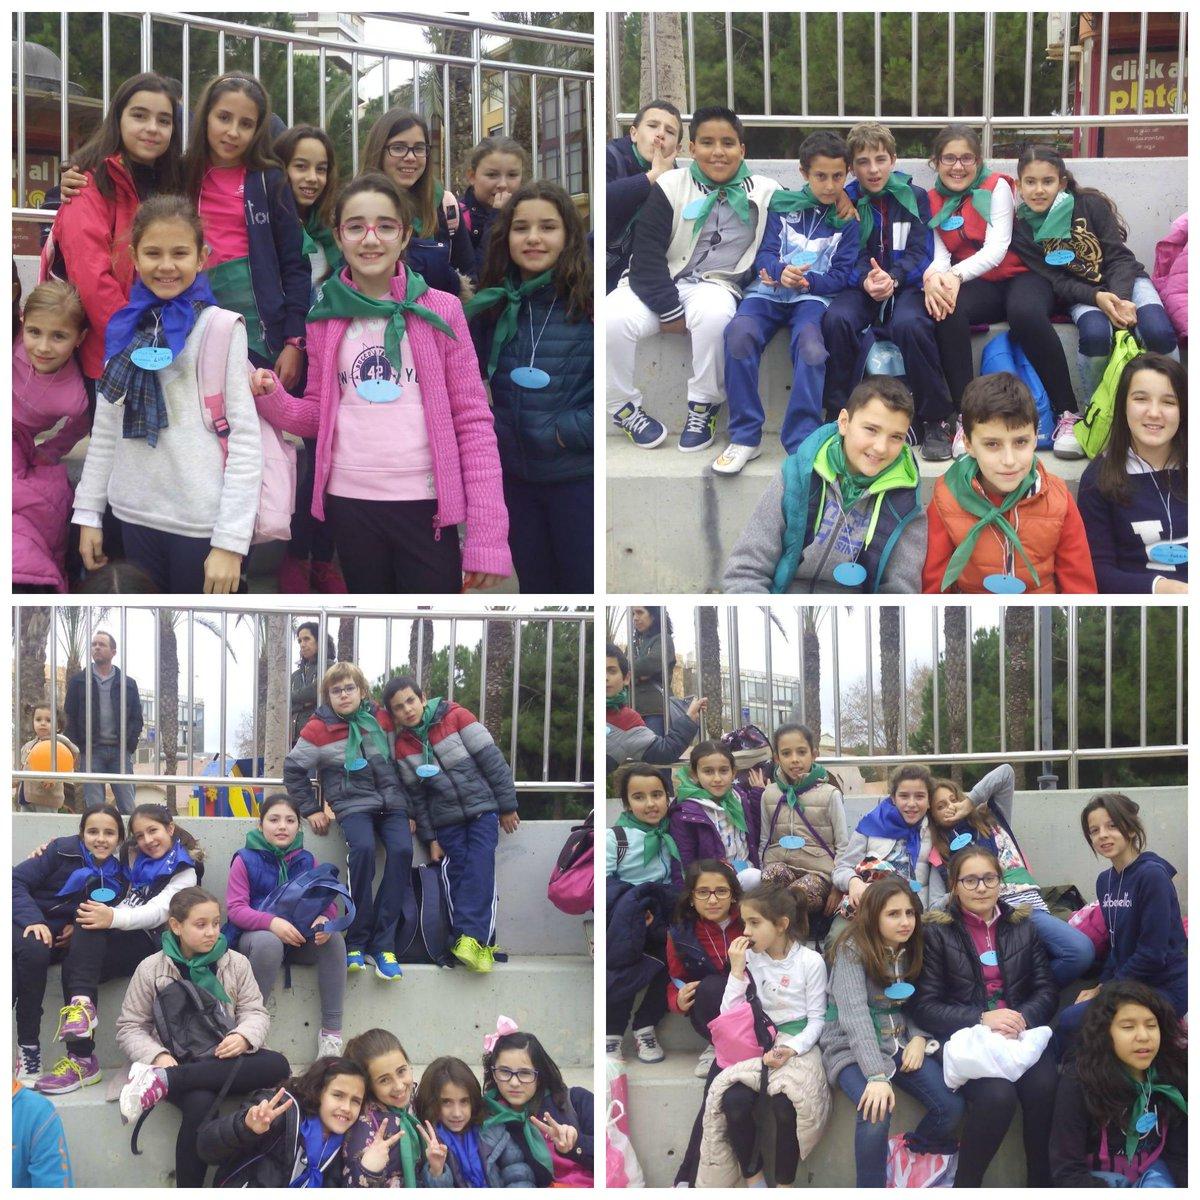 Sábado 14 de Marzo un grupo de alumnos de primaria fueron al encuentro de la Infancia Misionera en Cartagena. http://t.co/5Sfq8qhcNP